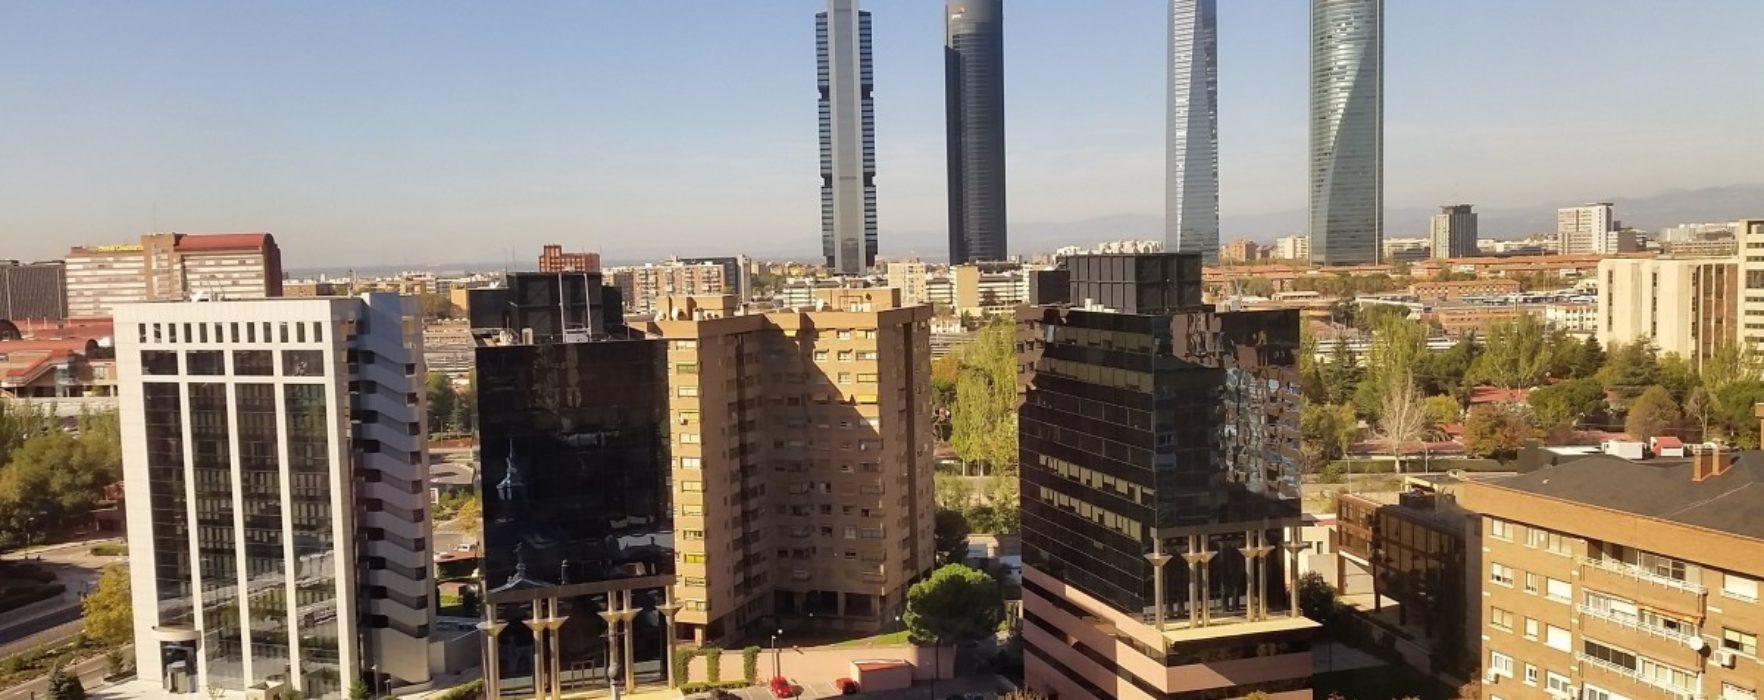 Los precios inmobiliarios subirán un 6% anual en España hasta 2019